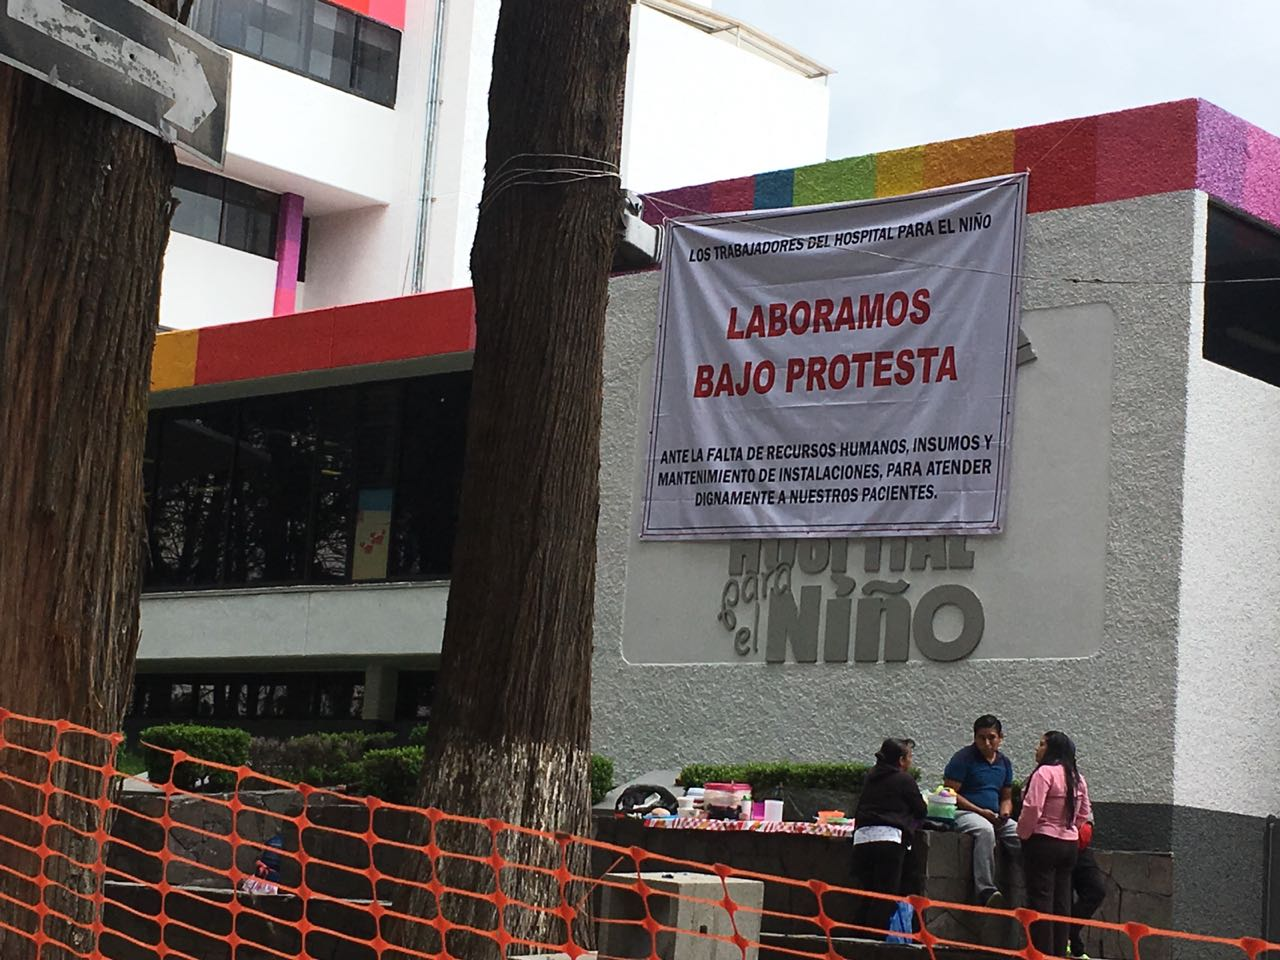 Escasez de insumos en Hospital del Niño; personal trabaja bajo protesta